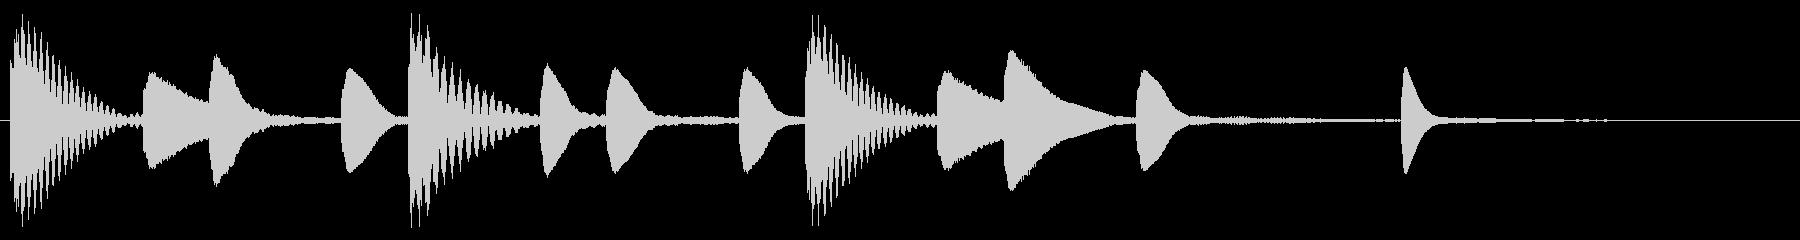 軽やかなマリンバによるサウンドロゴの未再生の波形